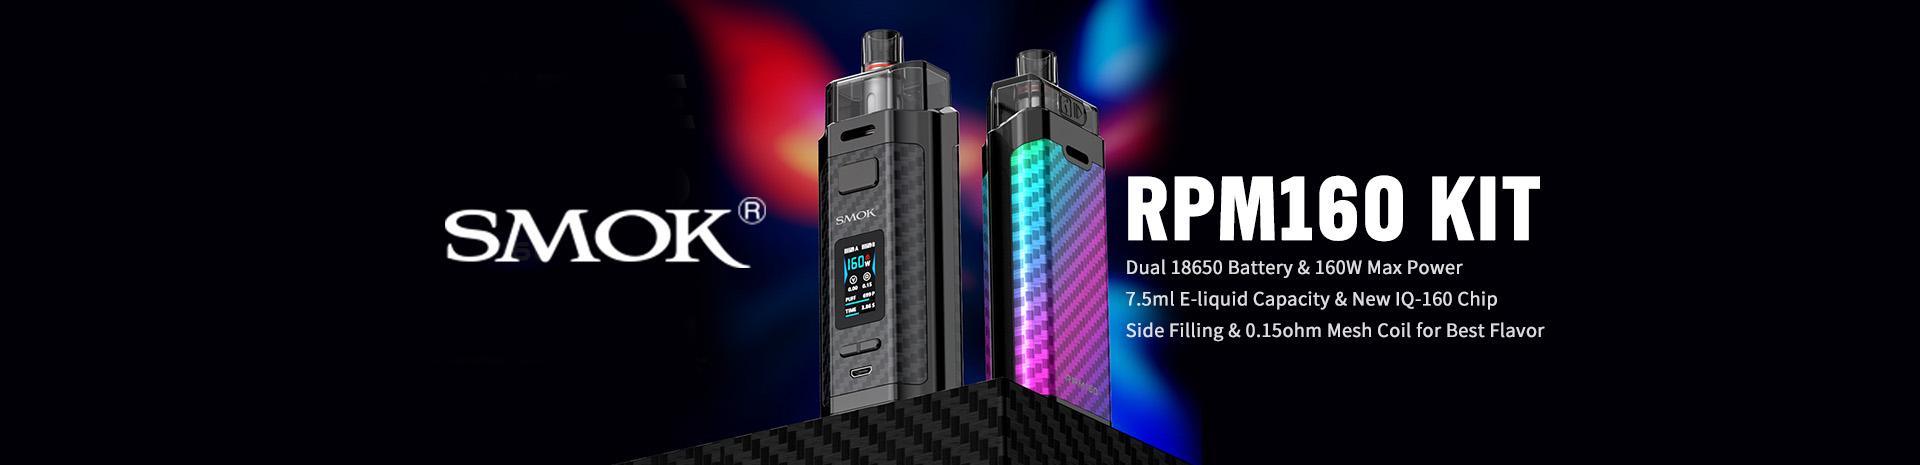 SMOK RPM160 Kit Banner